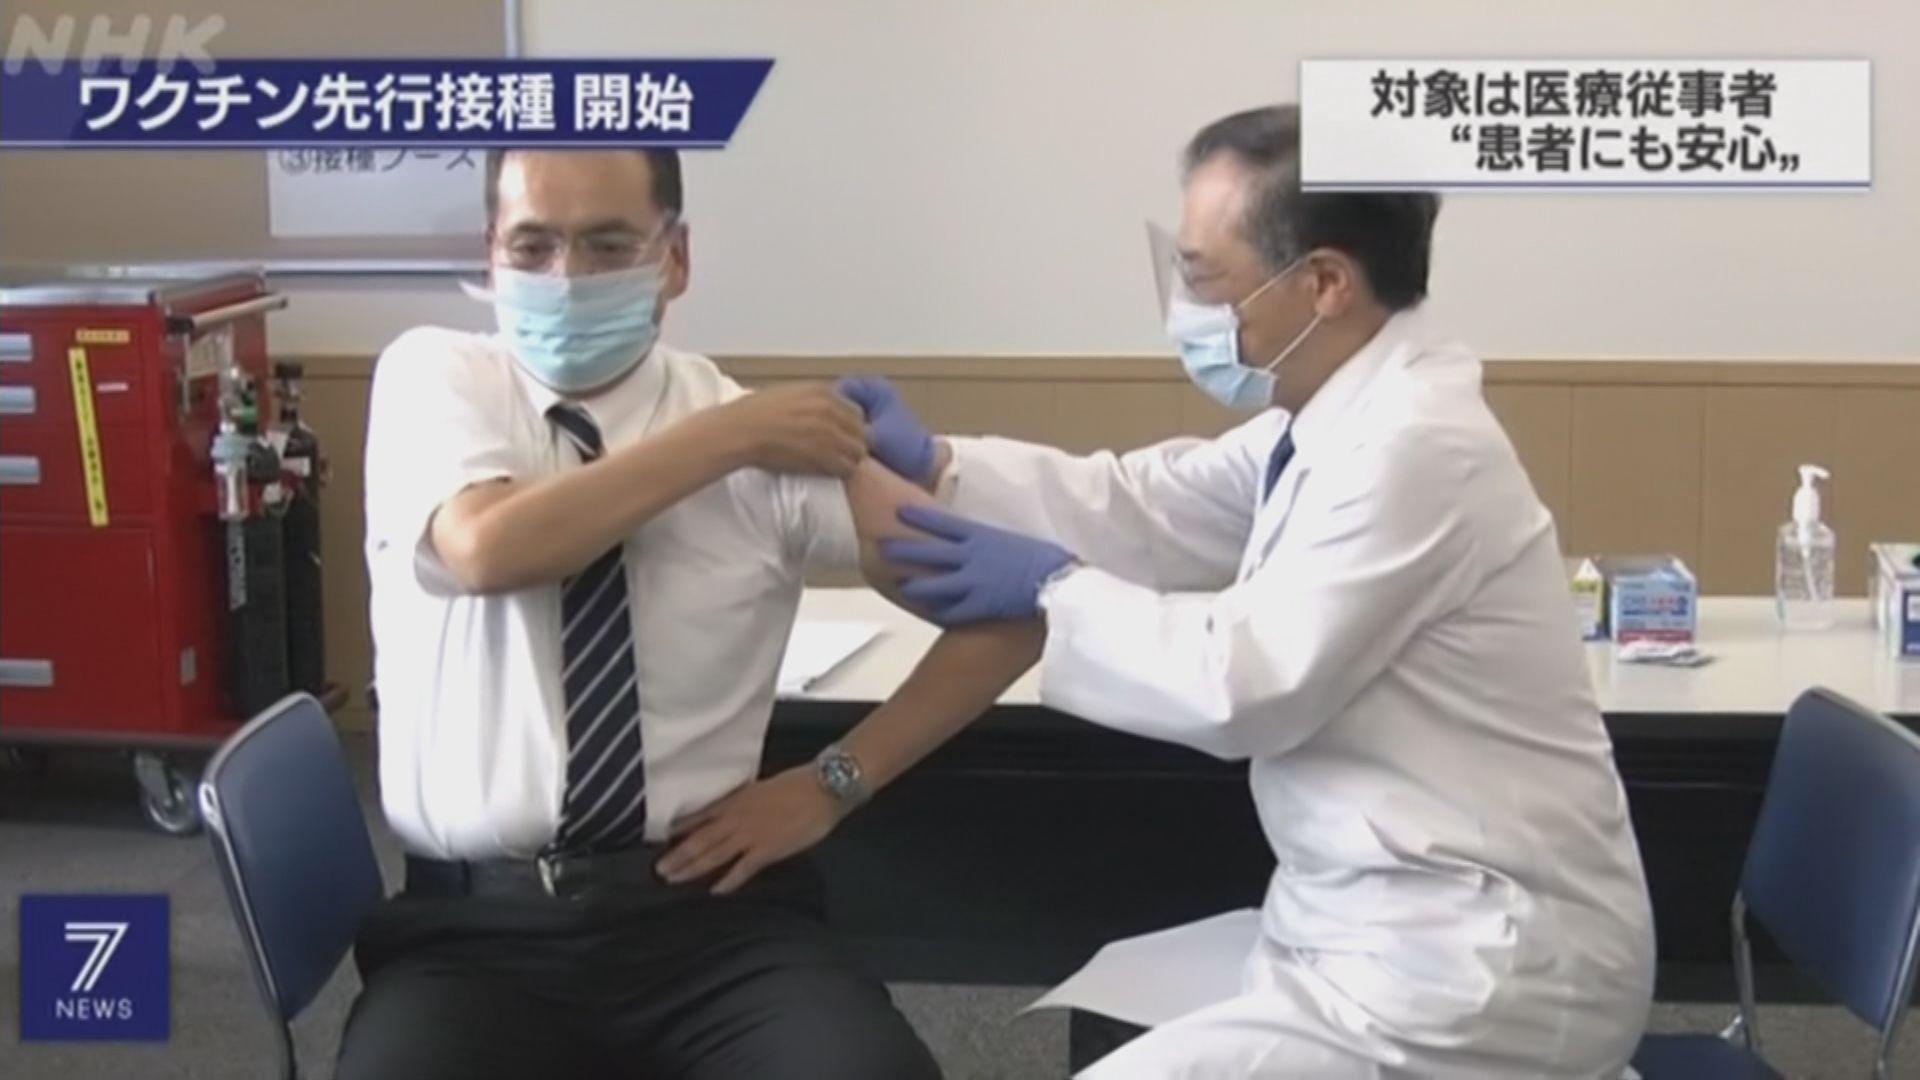 日揆指示防衛省支援在東京等地設大型疫苗接種中心